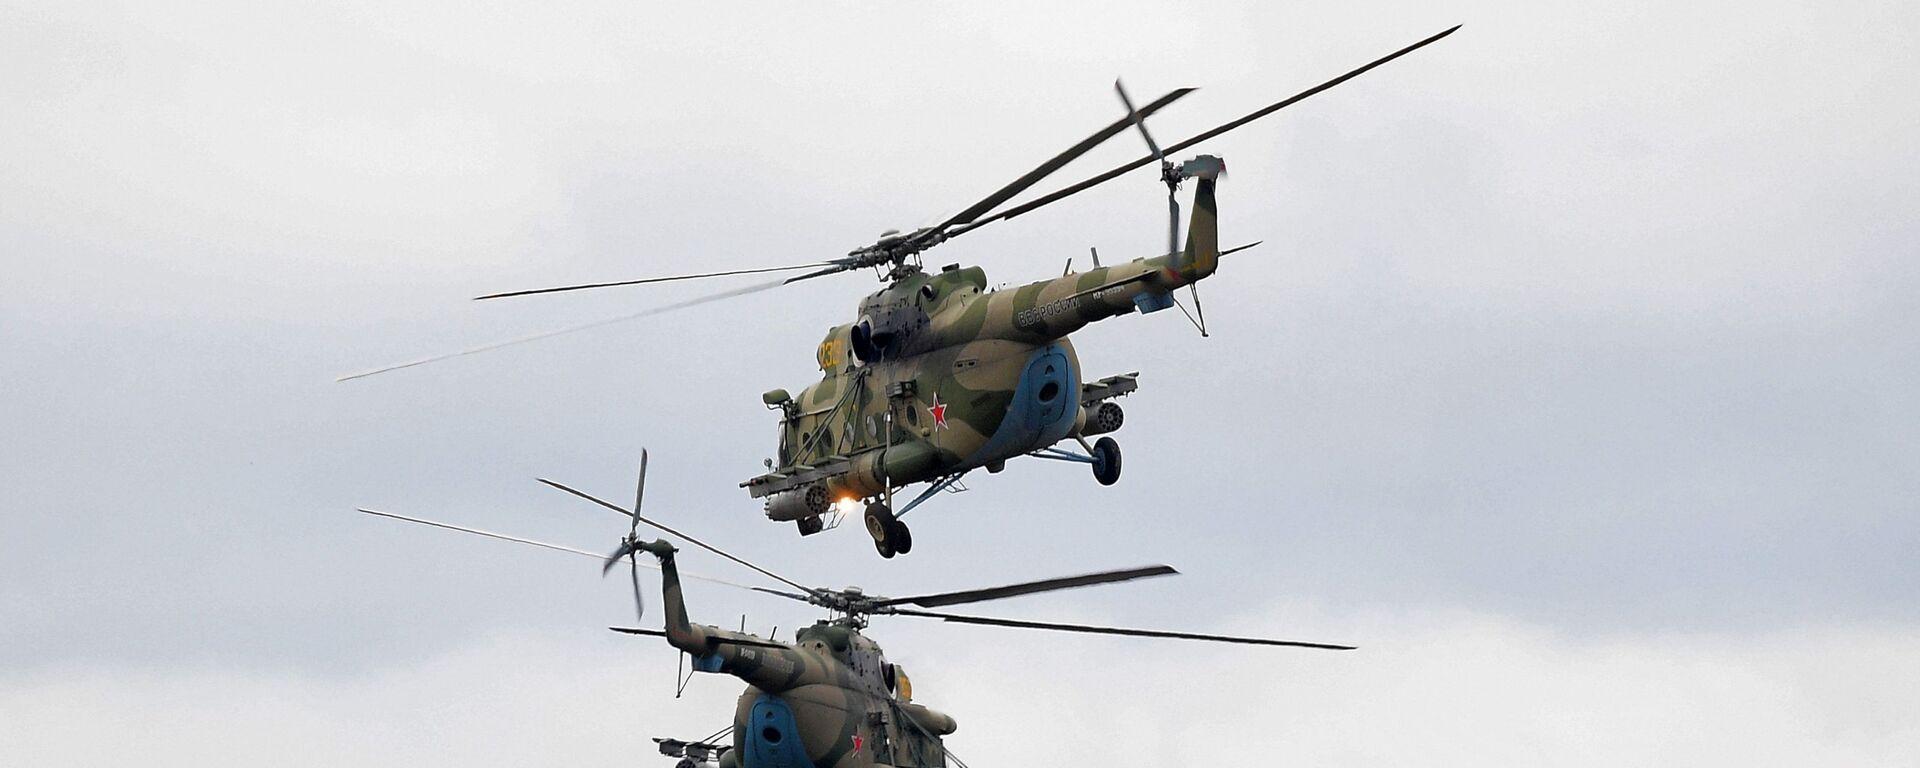 Вертолеты Ми-8 во время командно-штабных учений ОДКБ Нерушимое братство 2020 на полигоне Лосвидо под Витебском - Sputnik Армения, 1920, 22.09.2021